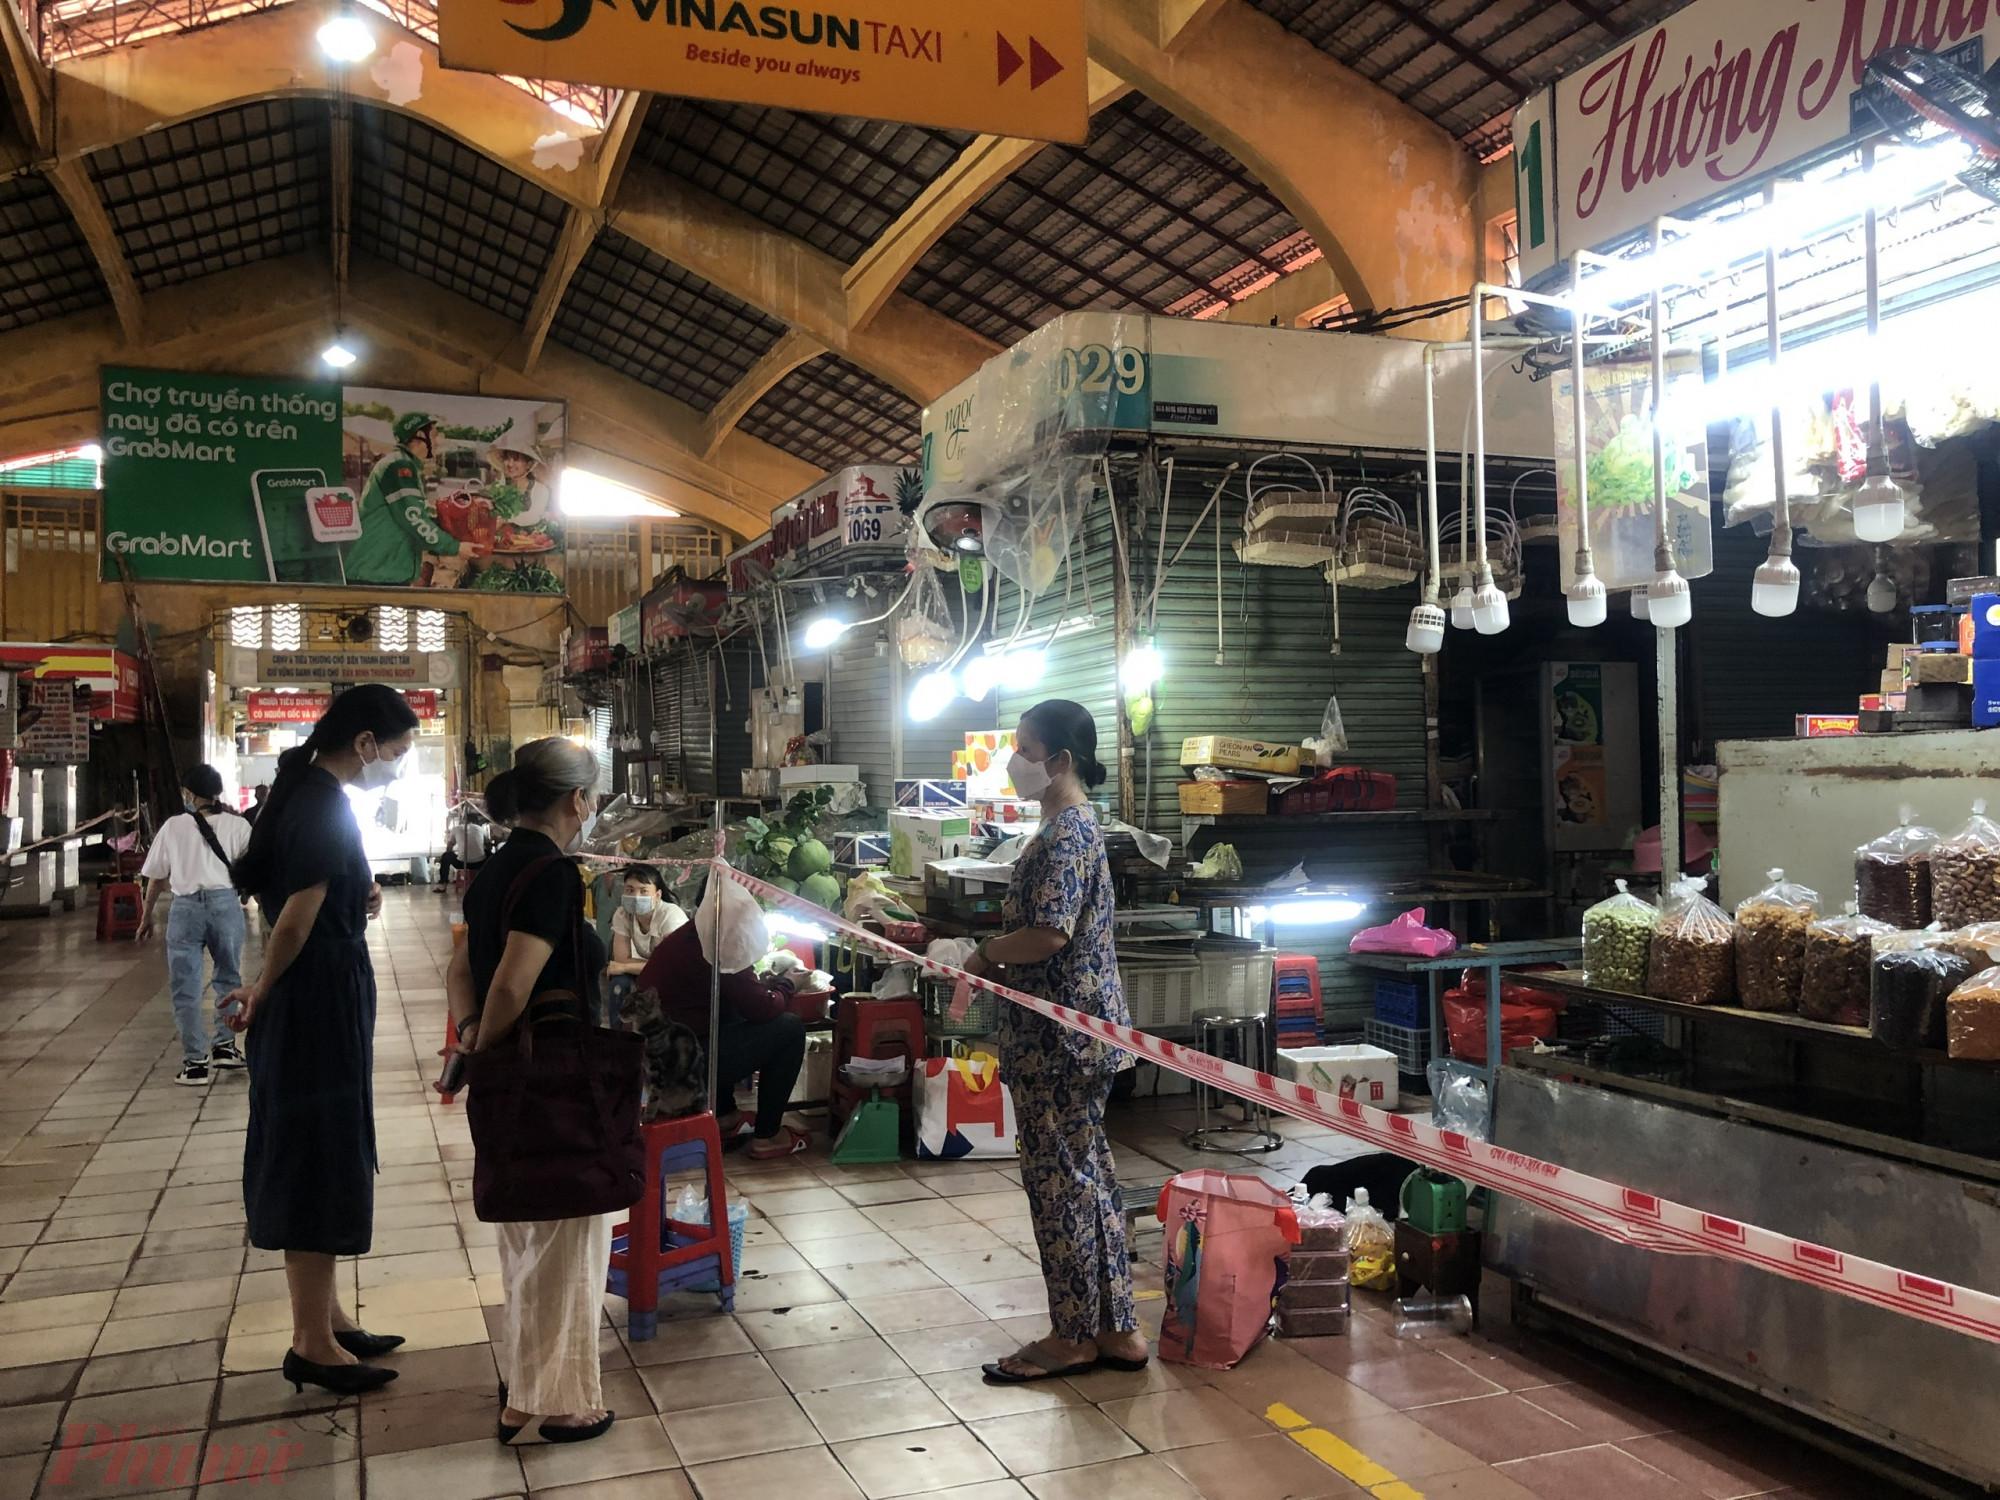 Chợ Bến Thành hoạt động trở lại hơn một tuần nay nhưng hiện lượng khách đến chợ không nhiều.